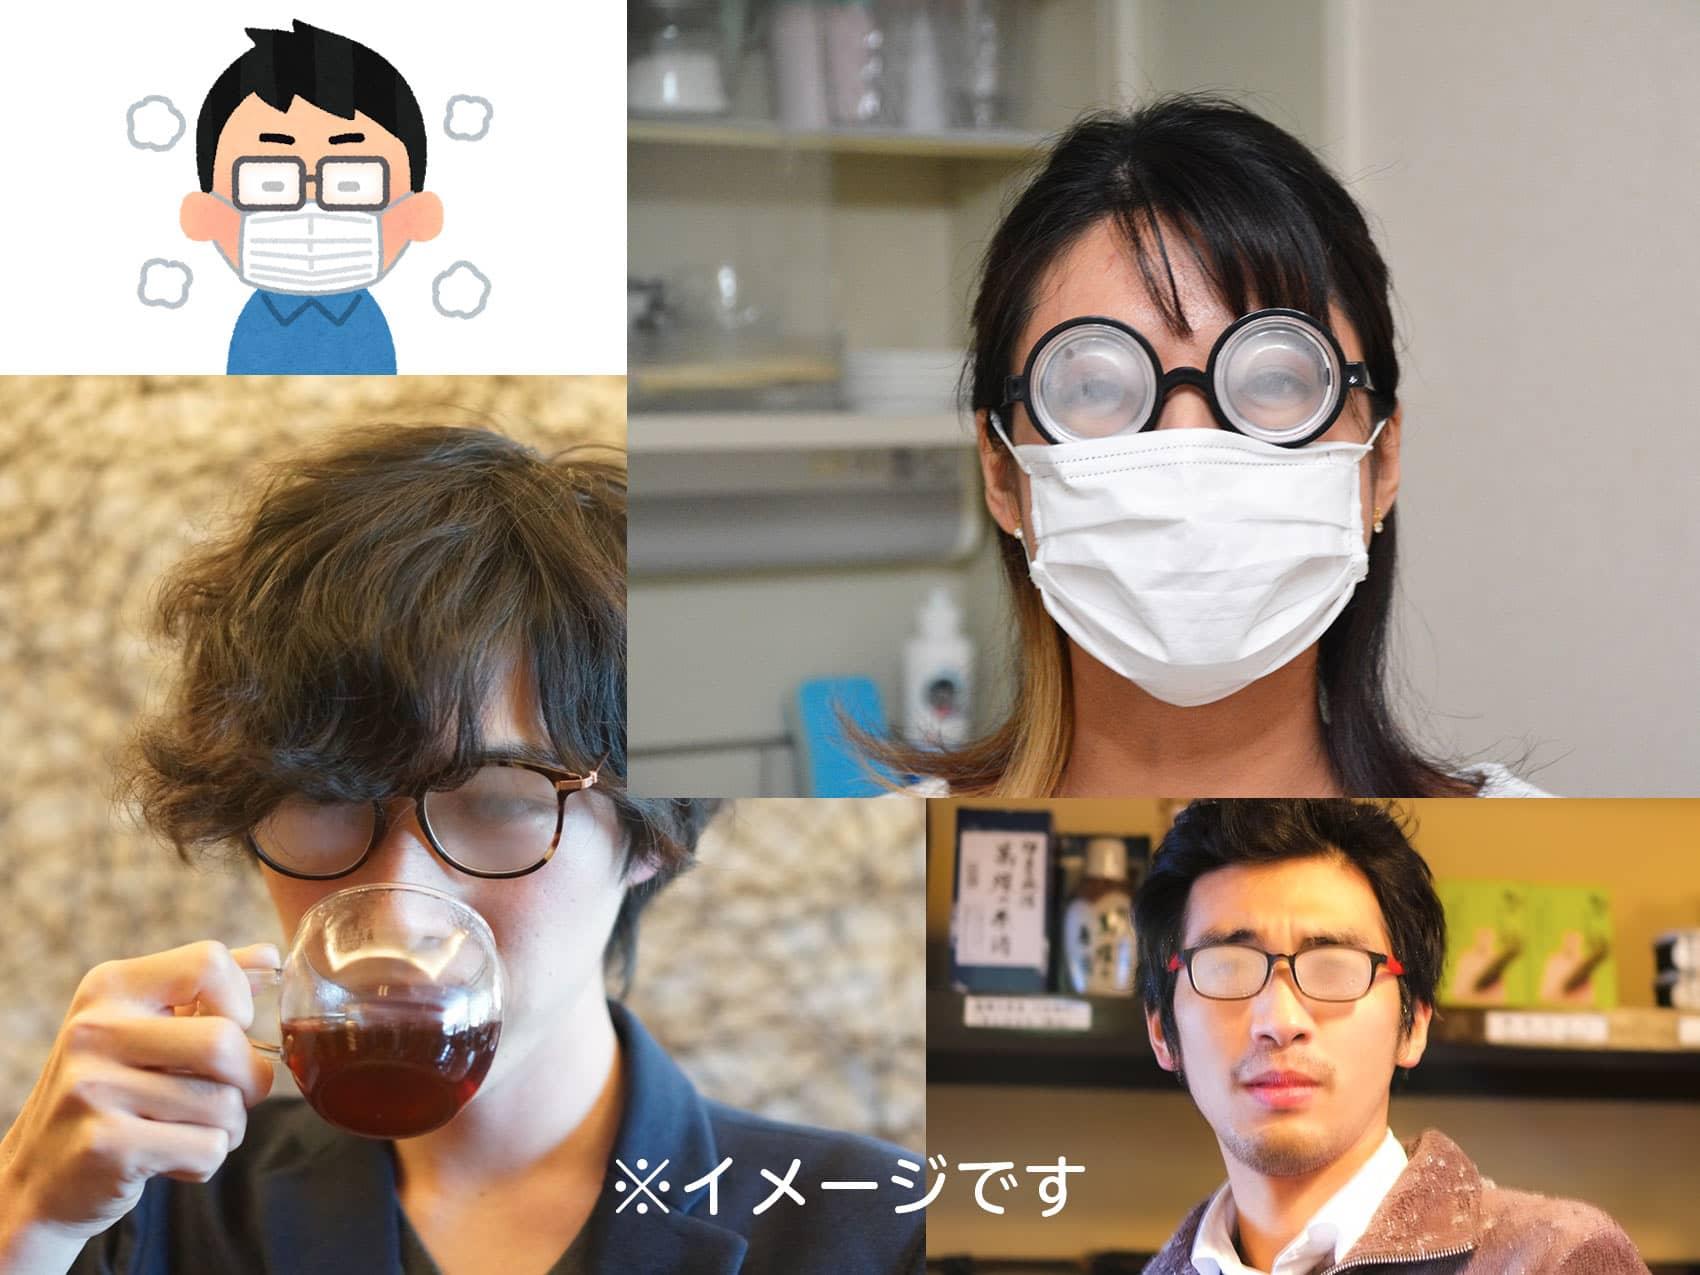 メガネのレンズが曇るイメージ